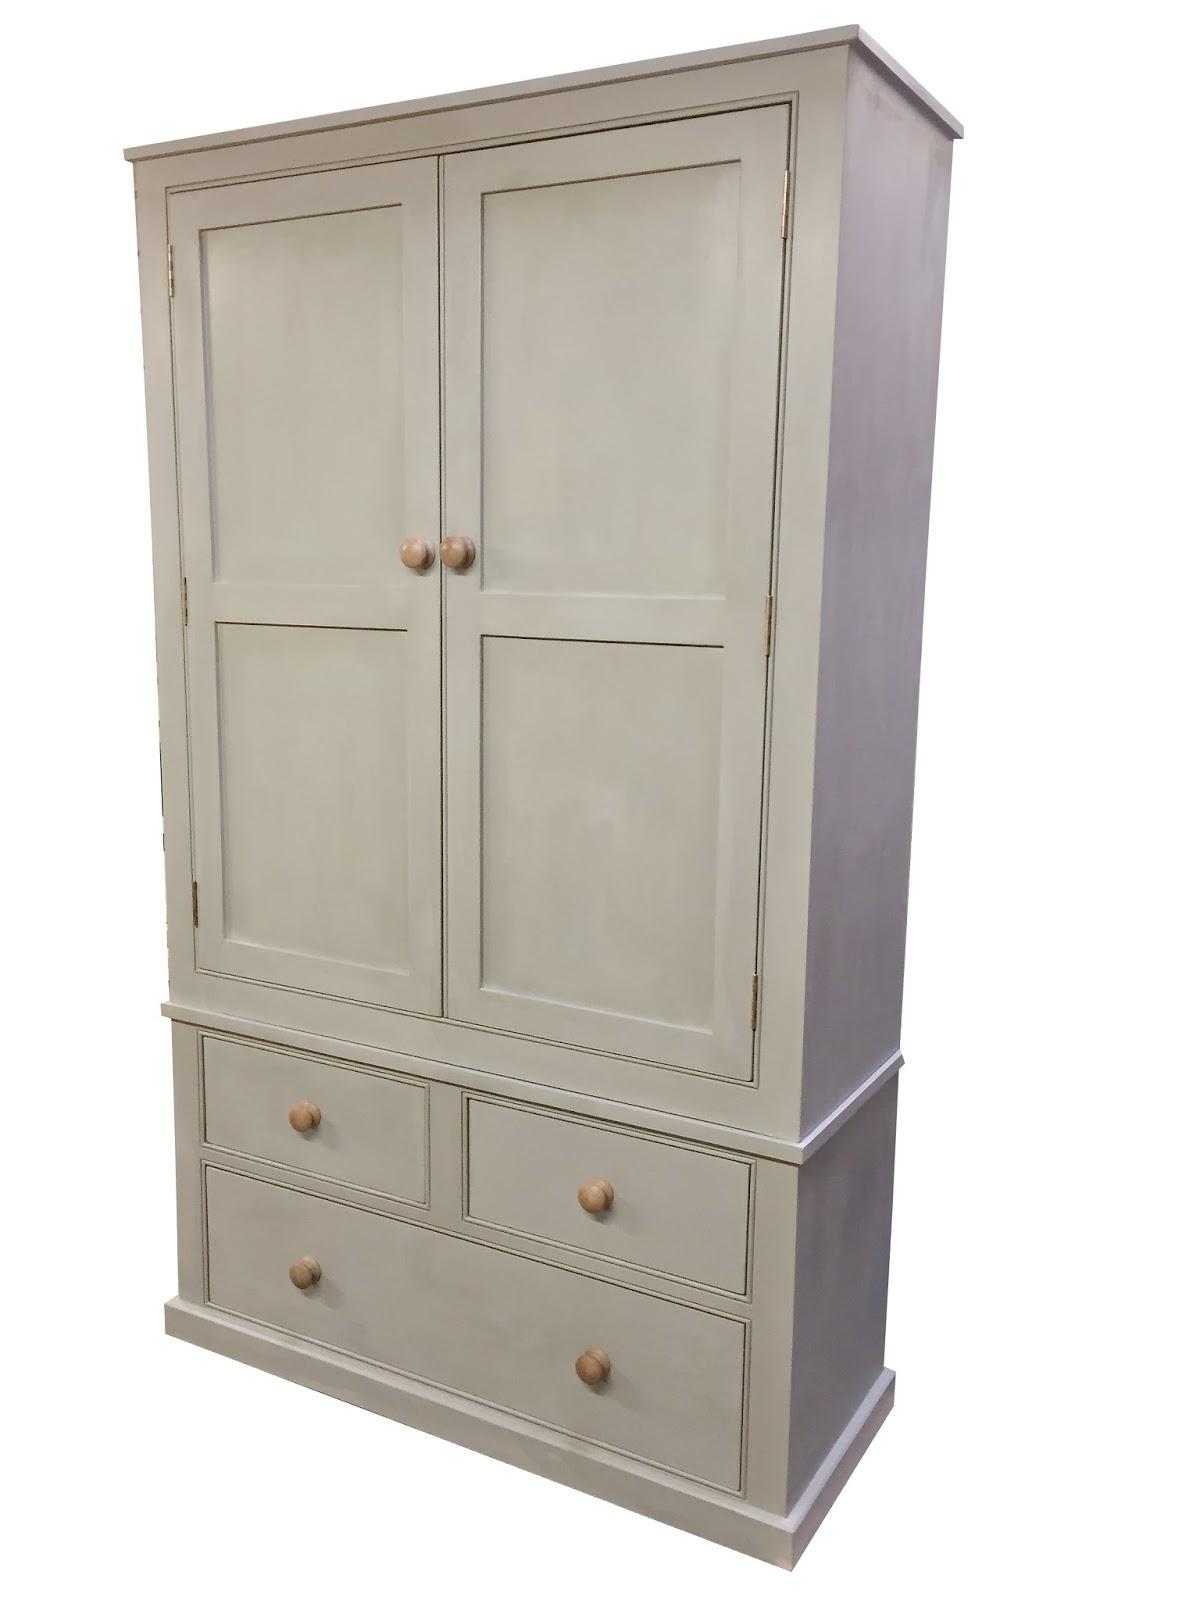 Kitchen larder unit farmhouse country pantry storage ebay - Country kitchen larder cupboard ...